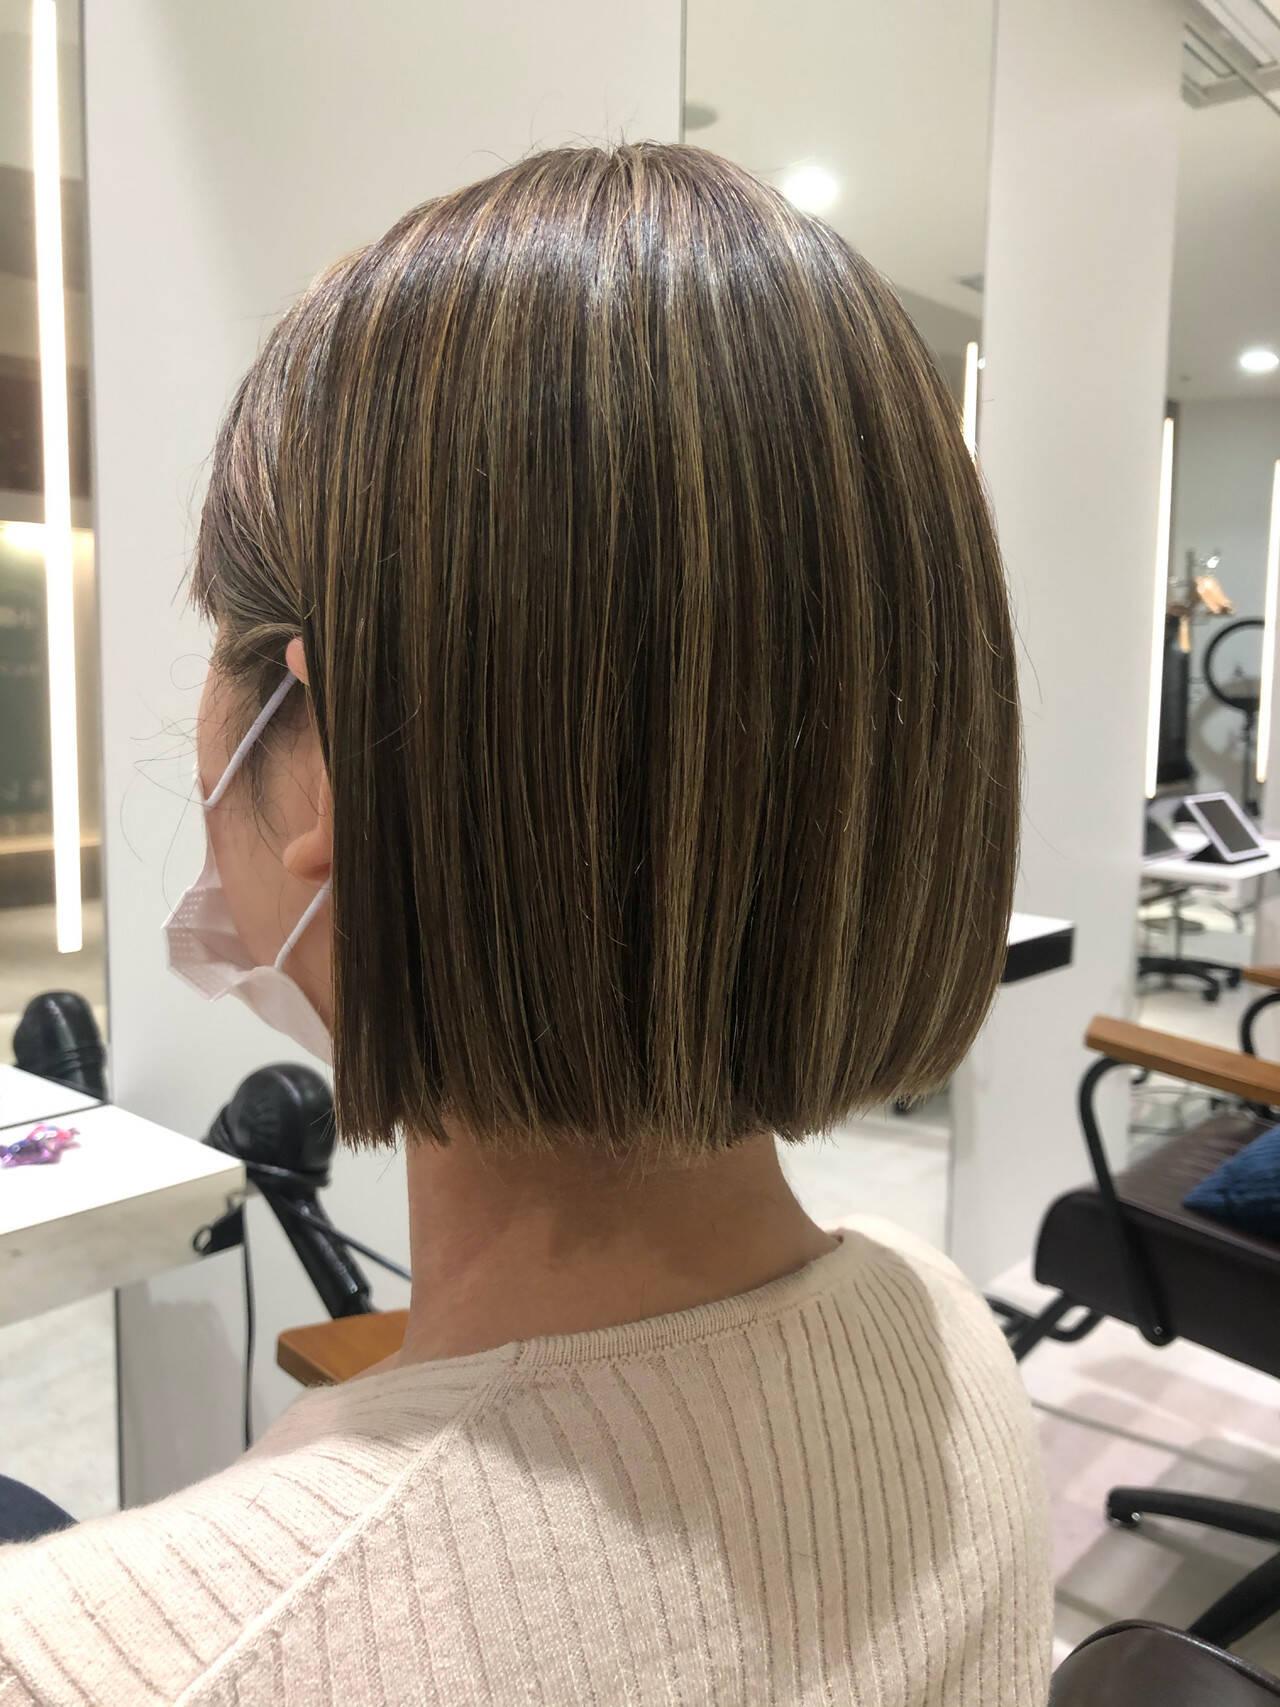 ハイライト コントラストハイライト ナチュラル ショートヘアヘアスタイルや髪型の写真・画像